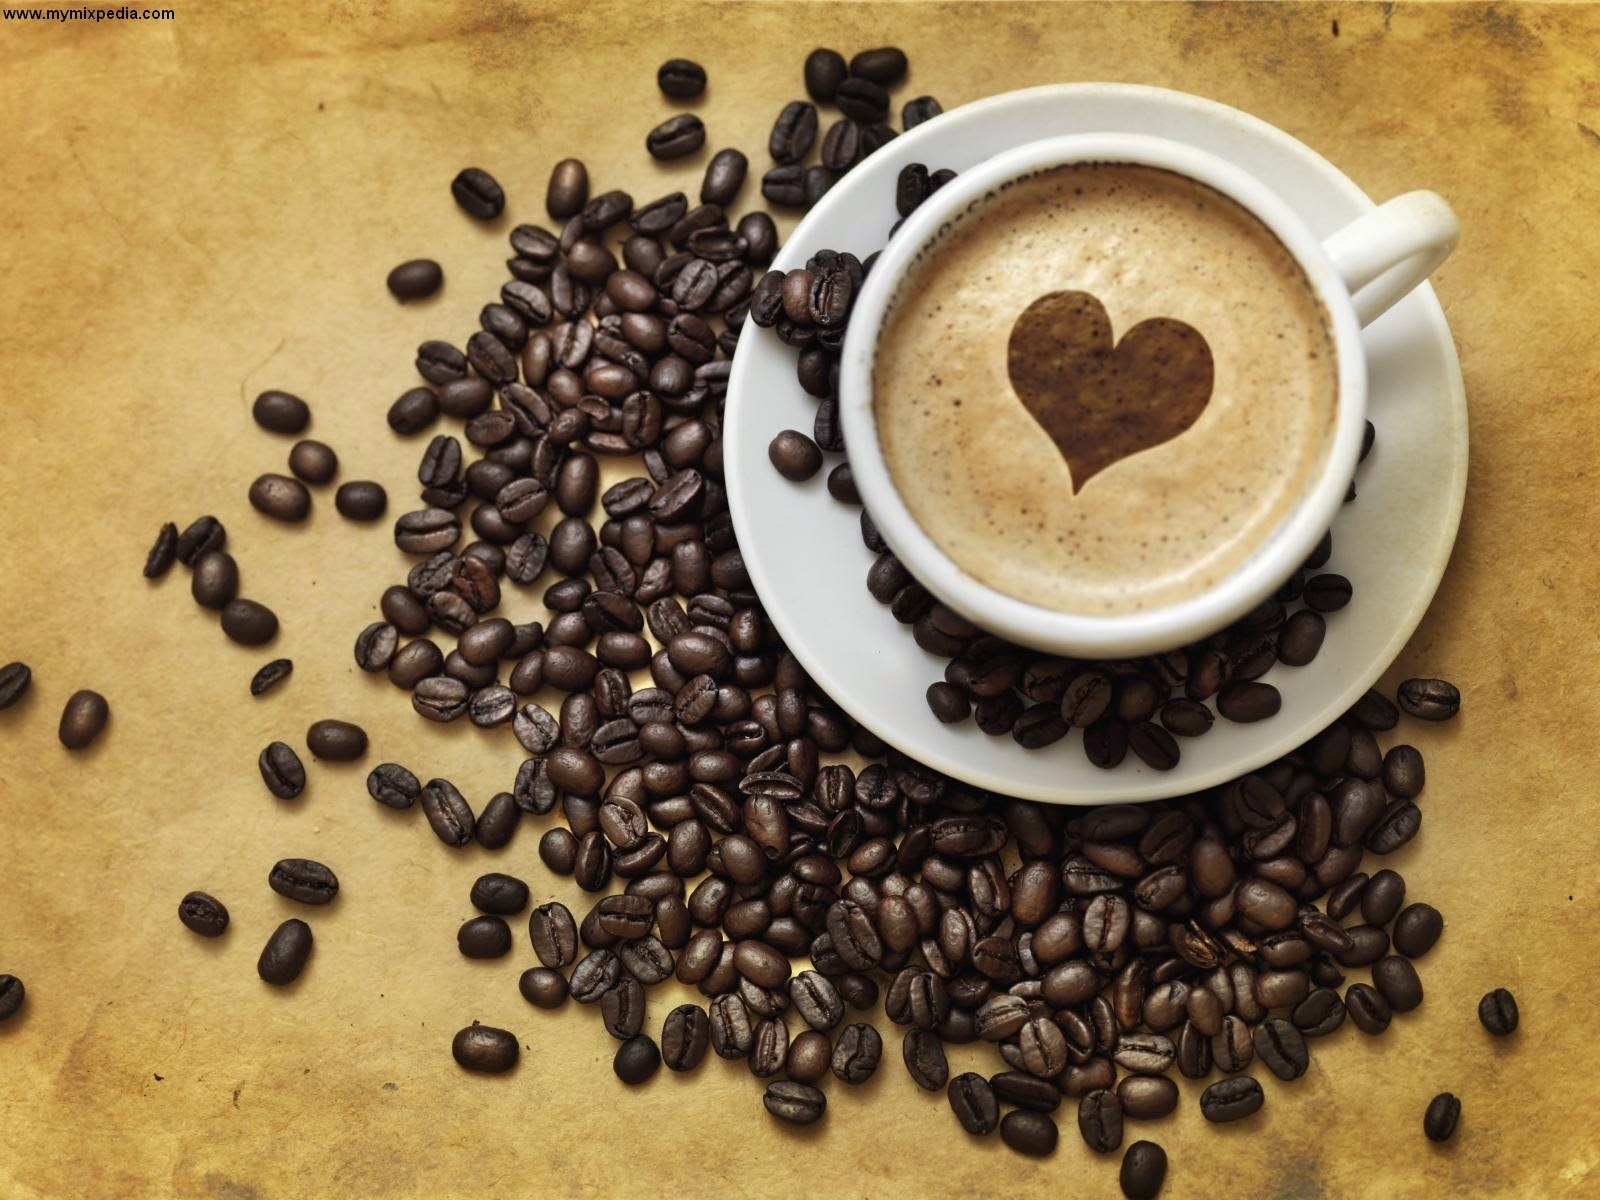 Hasil gambar untuk kopi susu dan luwak white coffee